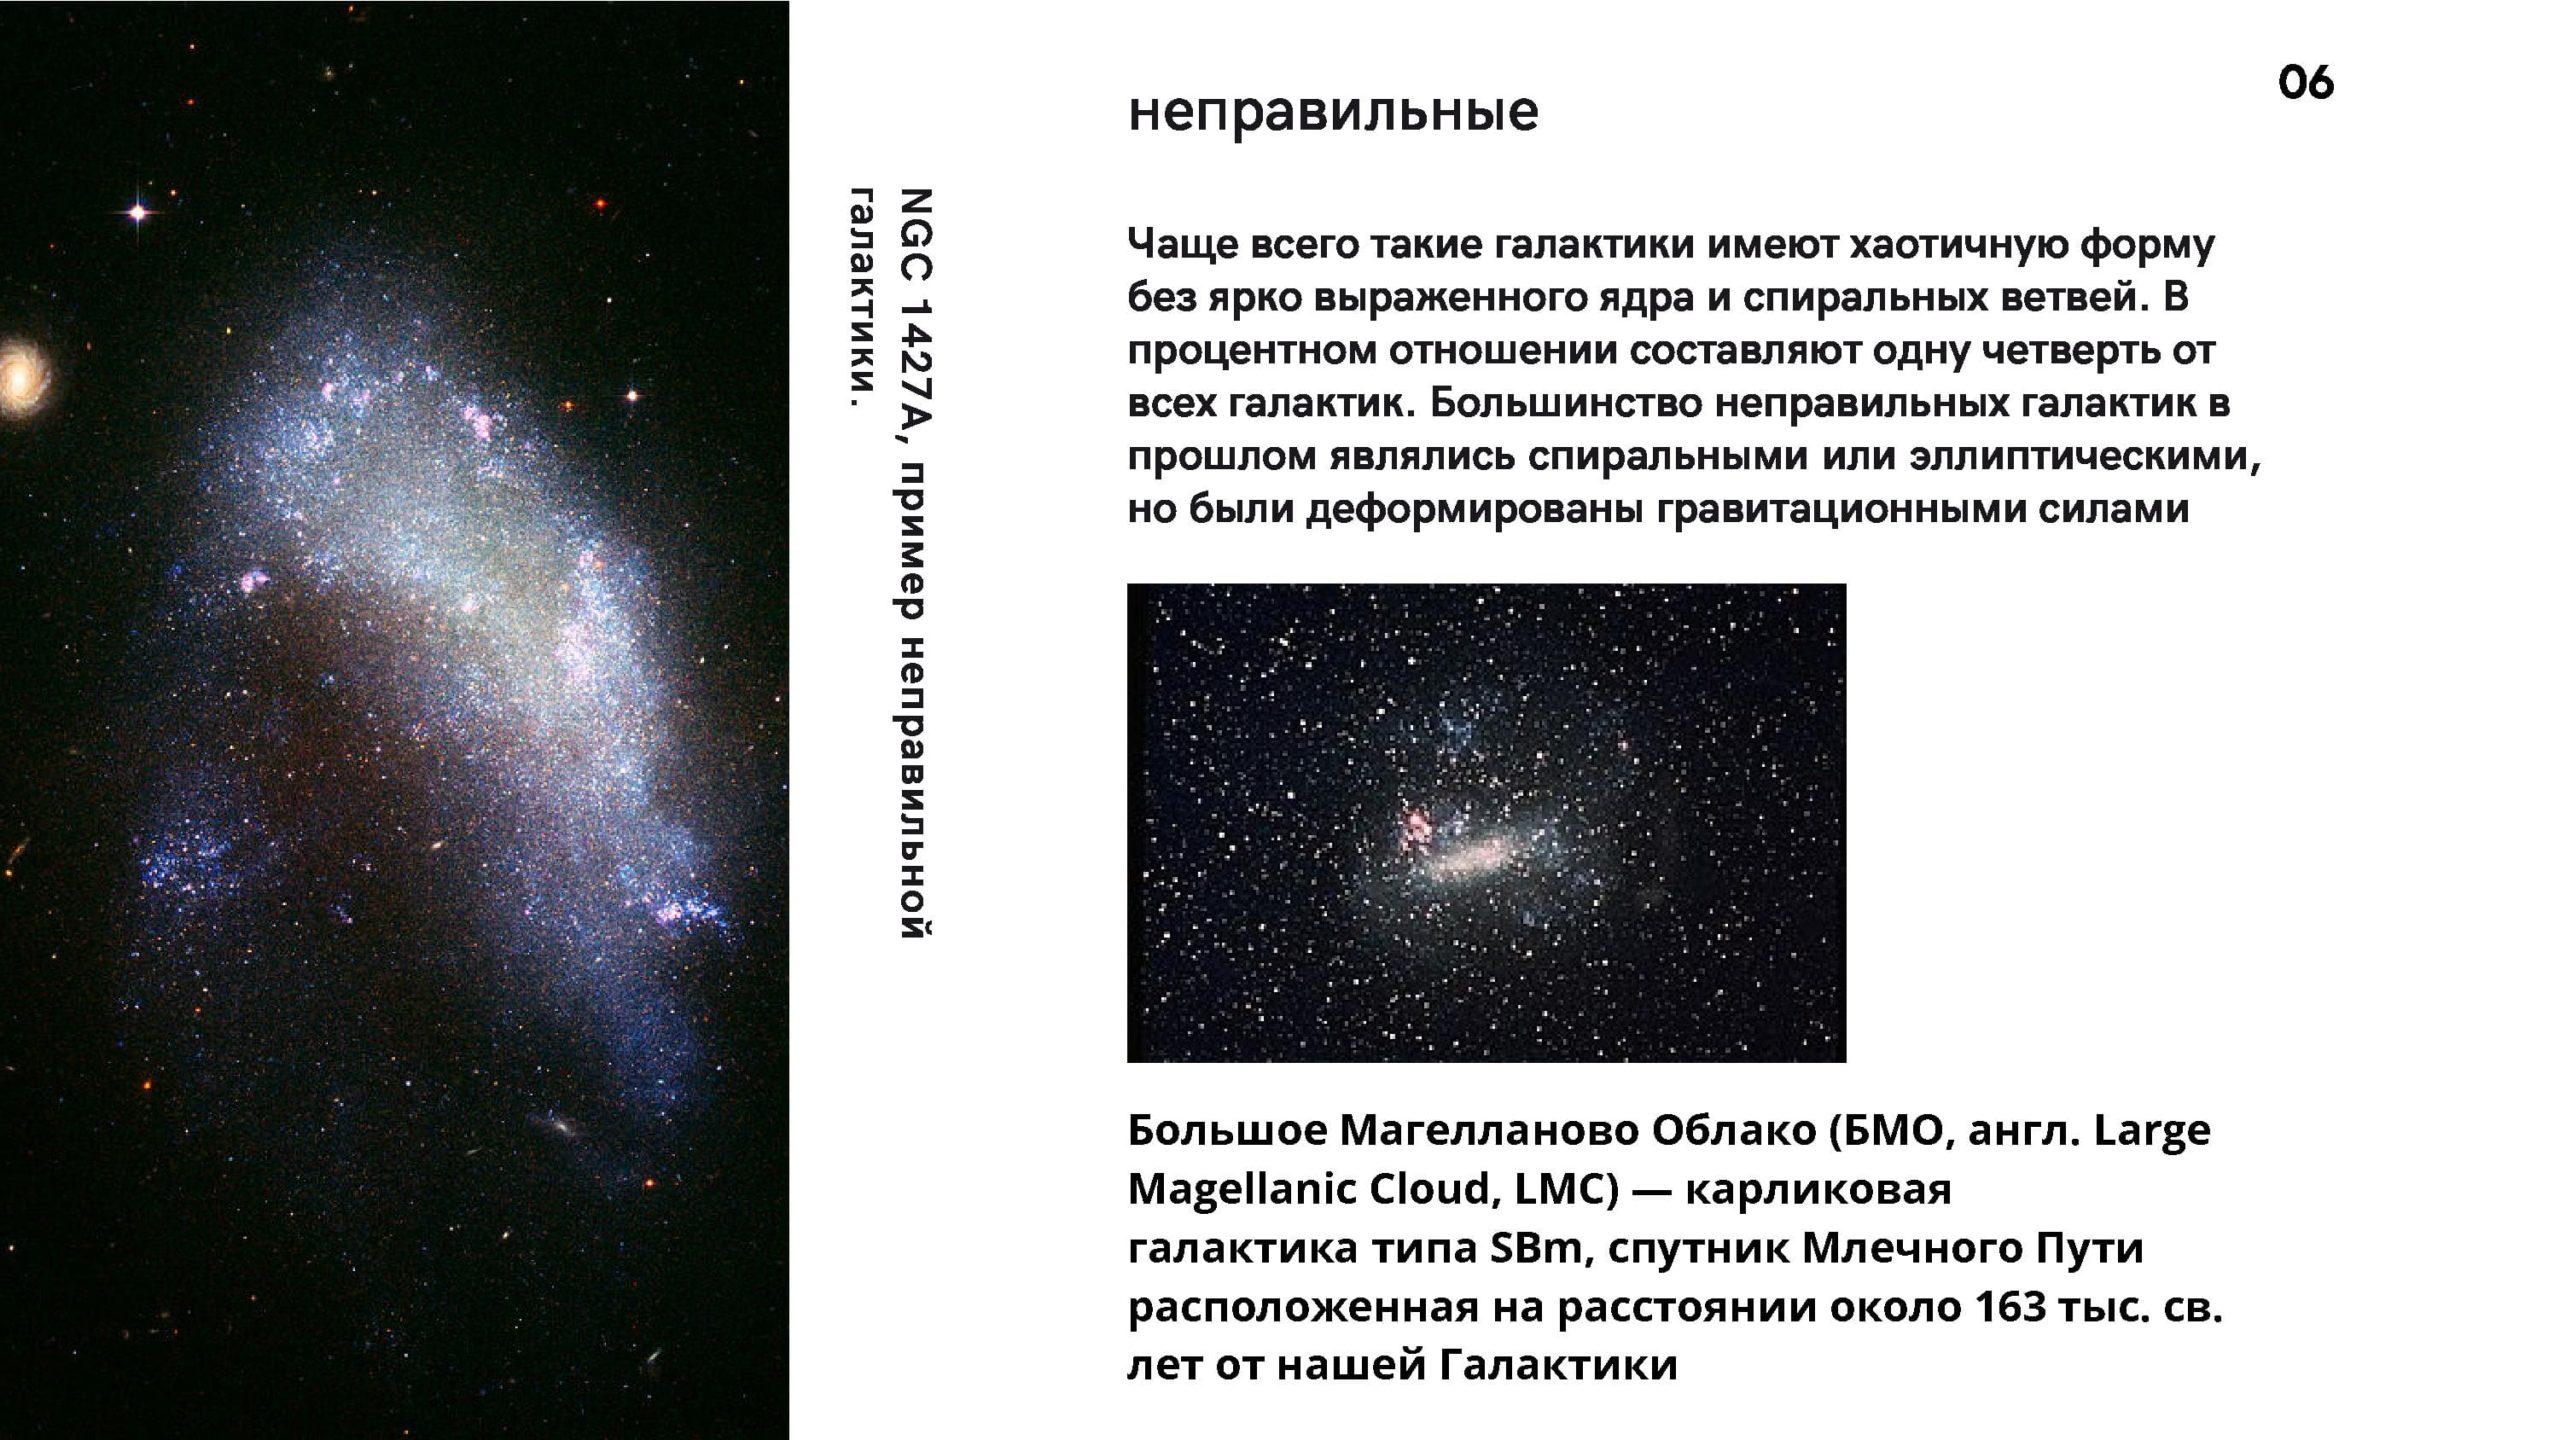 Неправильные галактики. Чаще всего такие галактики имеют